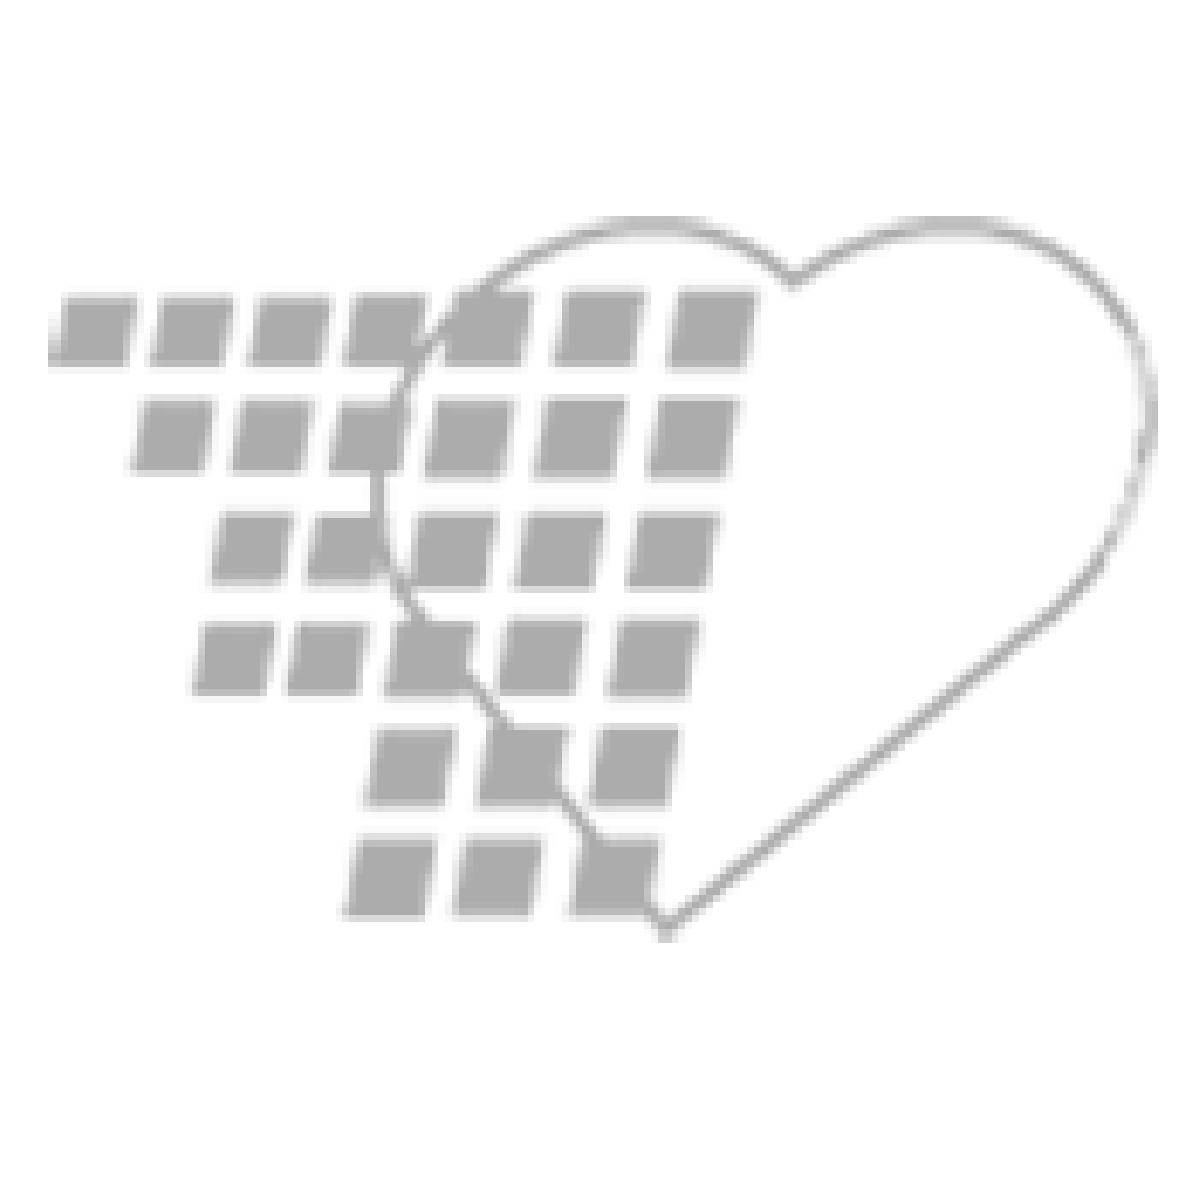 11-81-1019 Nasco Life/form® Ear Examination Simulator and Basic Nursing Set